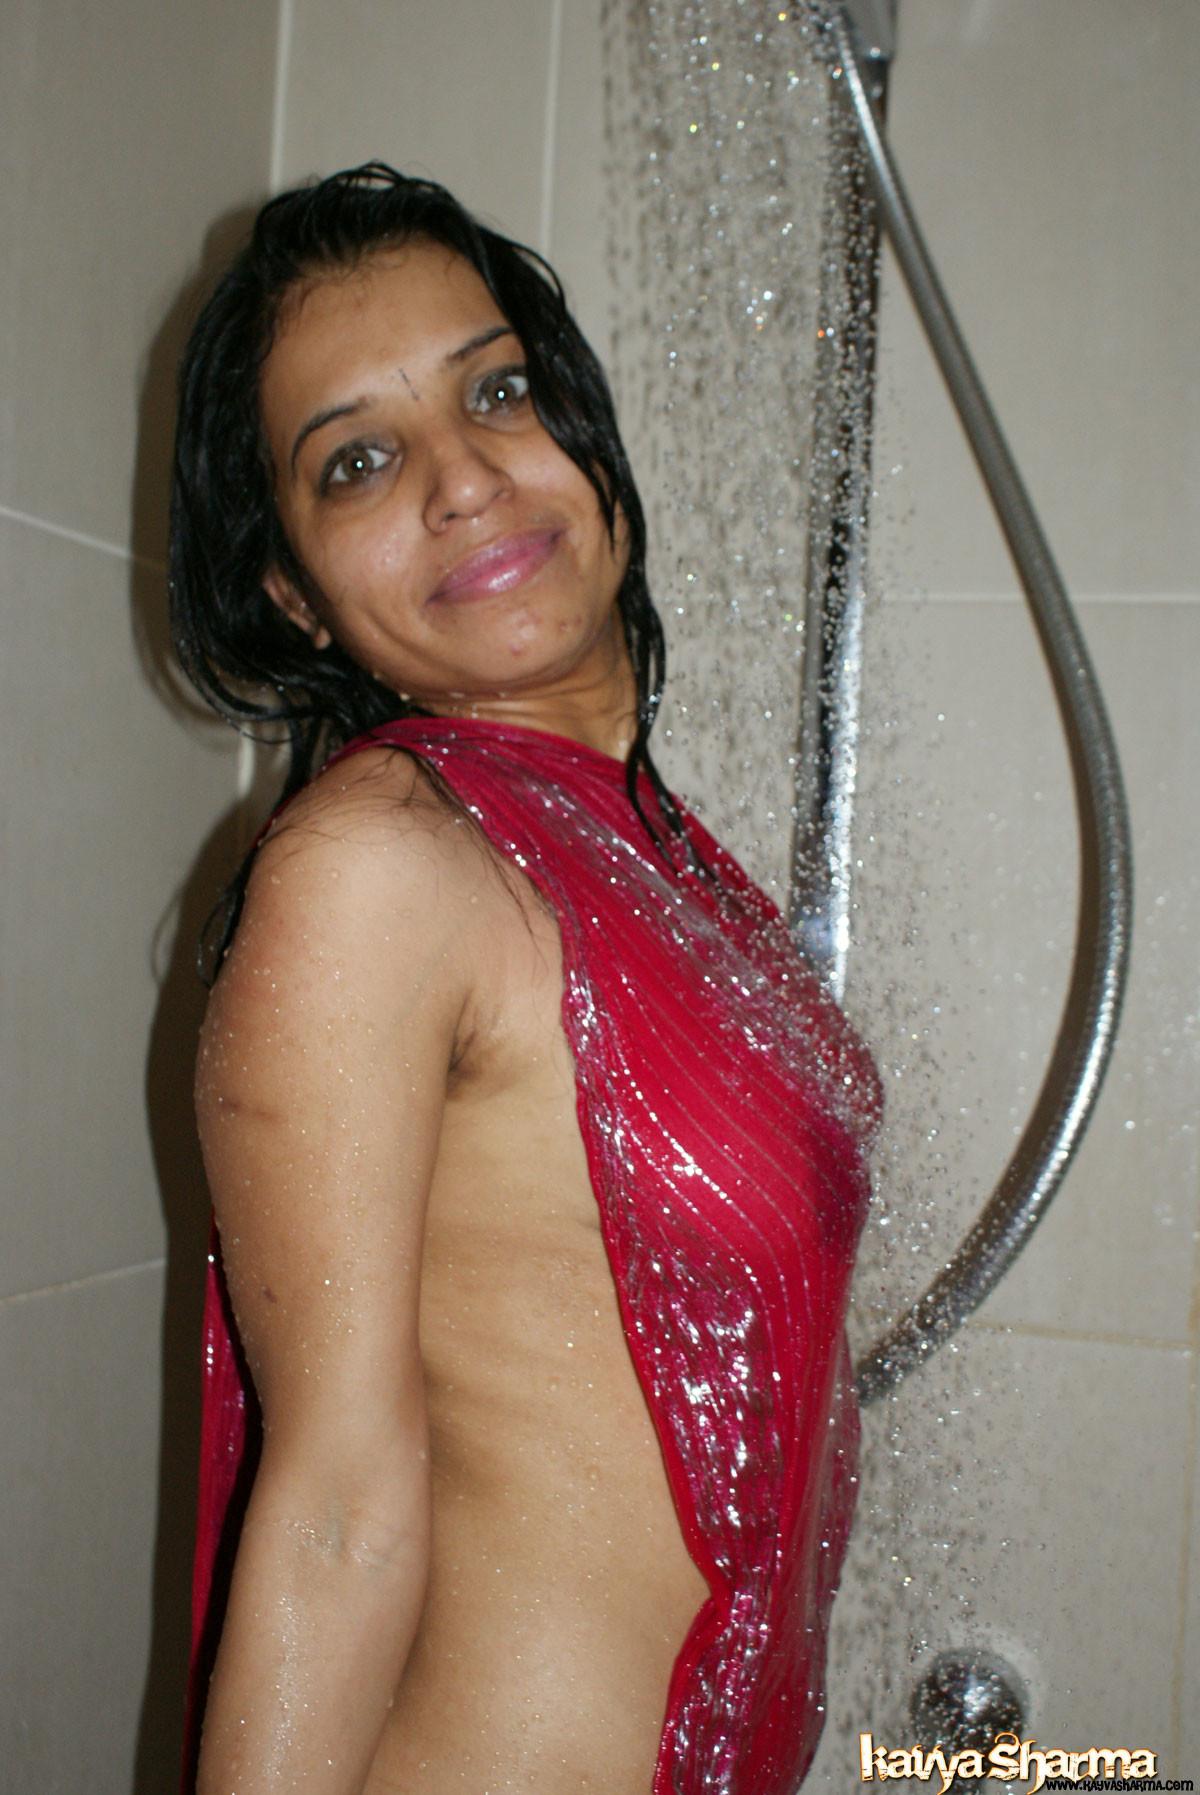 Индийская милфа принимает душ в традиционной косынке